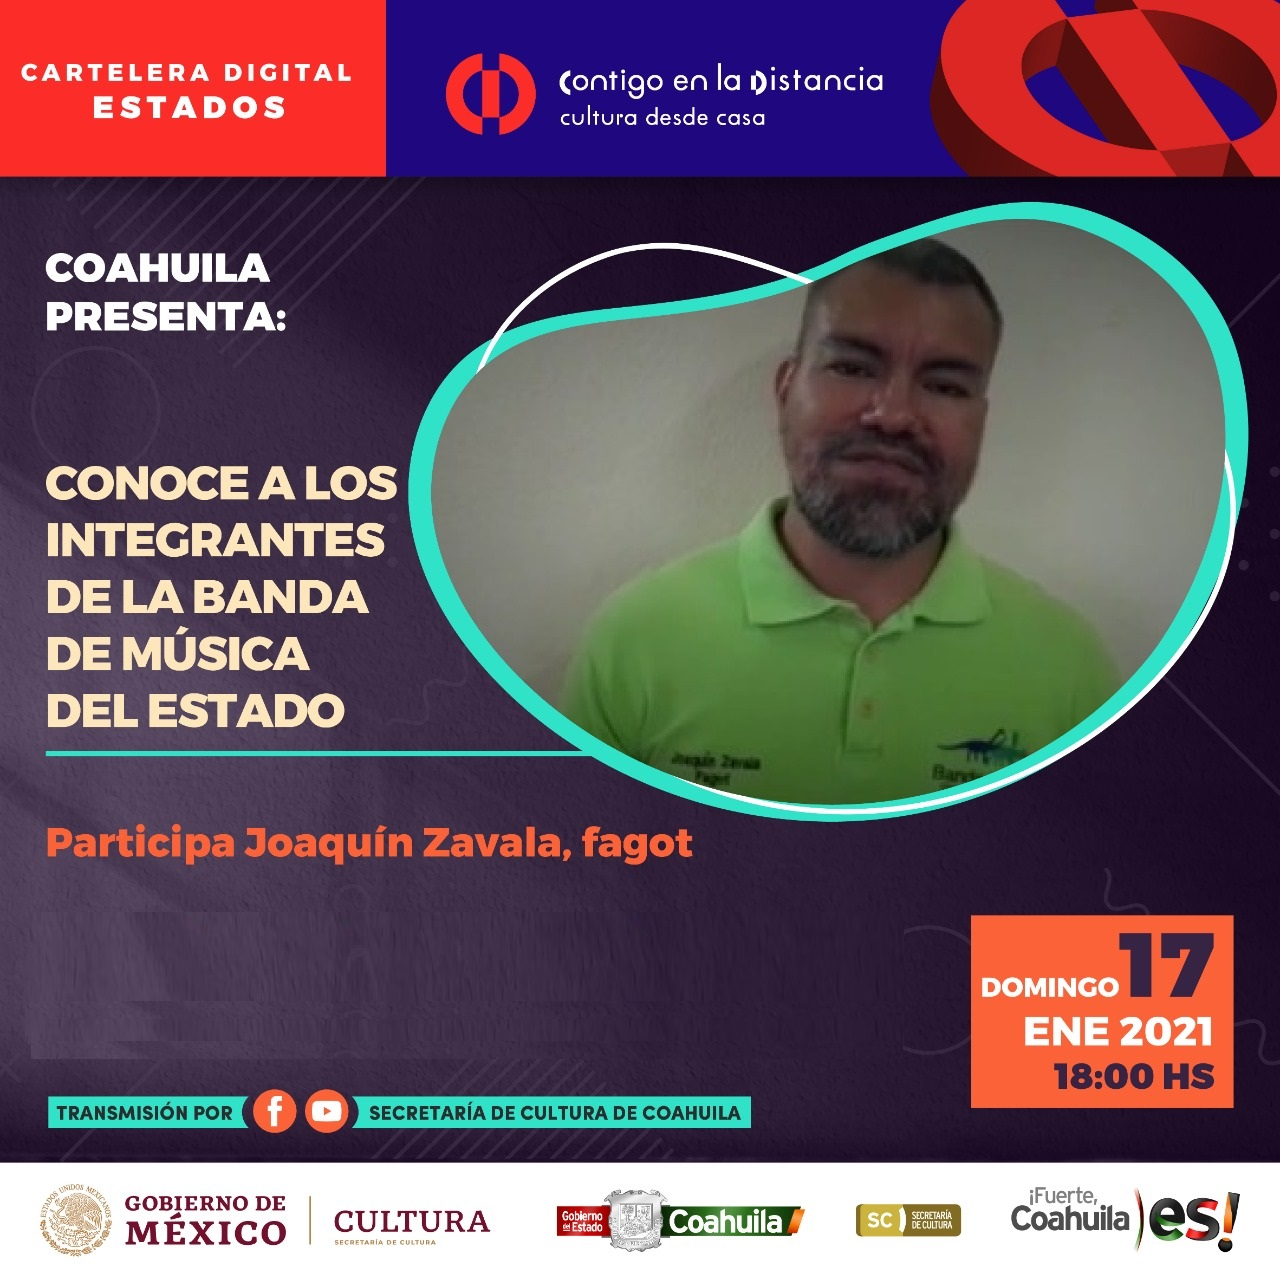 COAHUILA PRESENTA: CONOCE A LOS INTEGRANTES DE LA BANDA DE MÚSICA DEL ESTADO